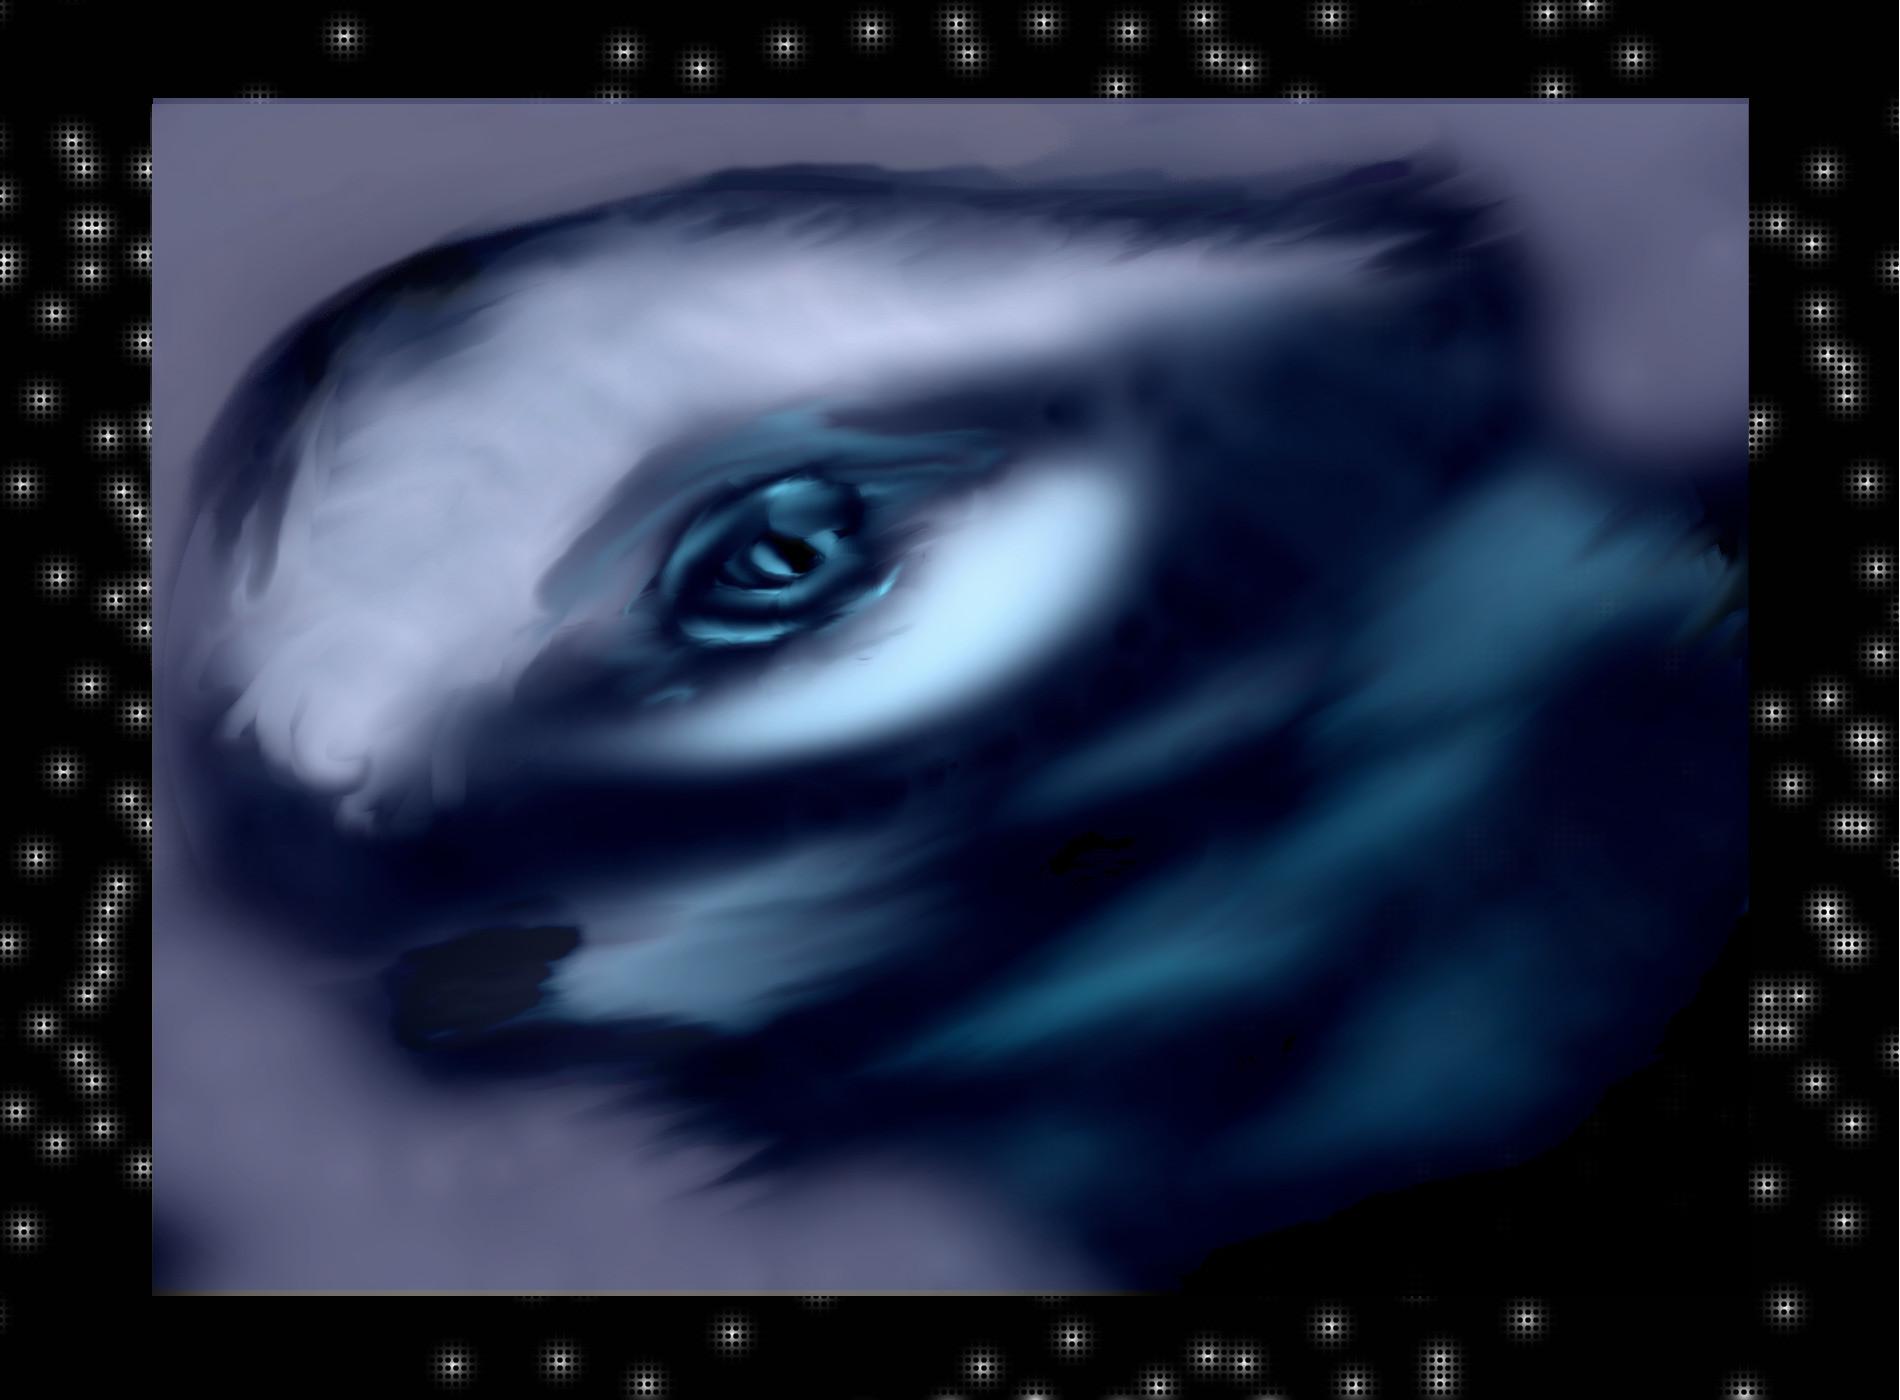 Spase maker ork